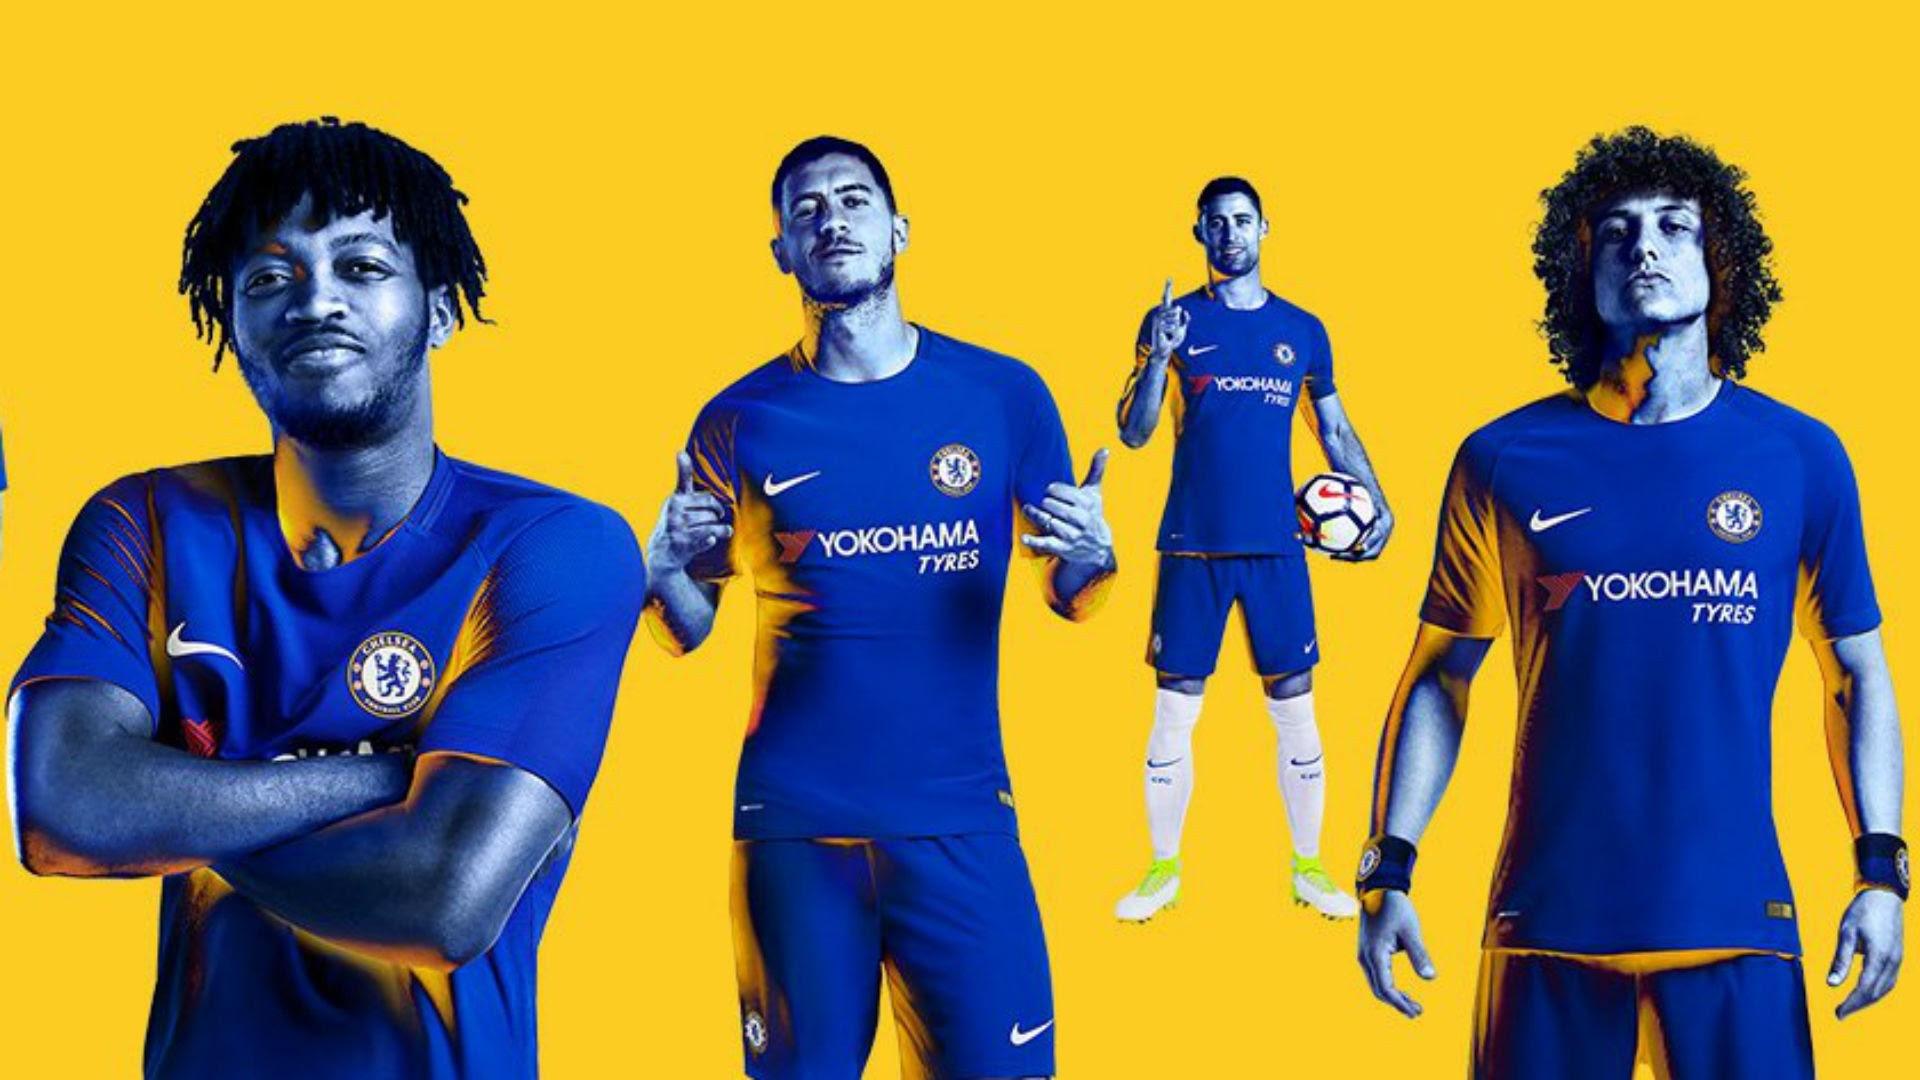 Daftar Wallpaper Chelsea 2018